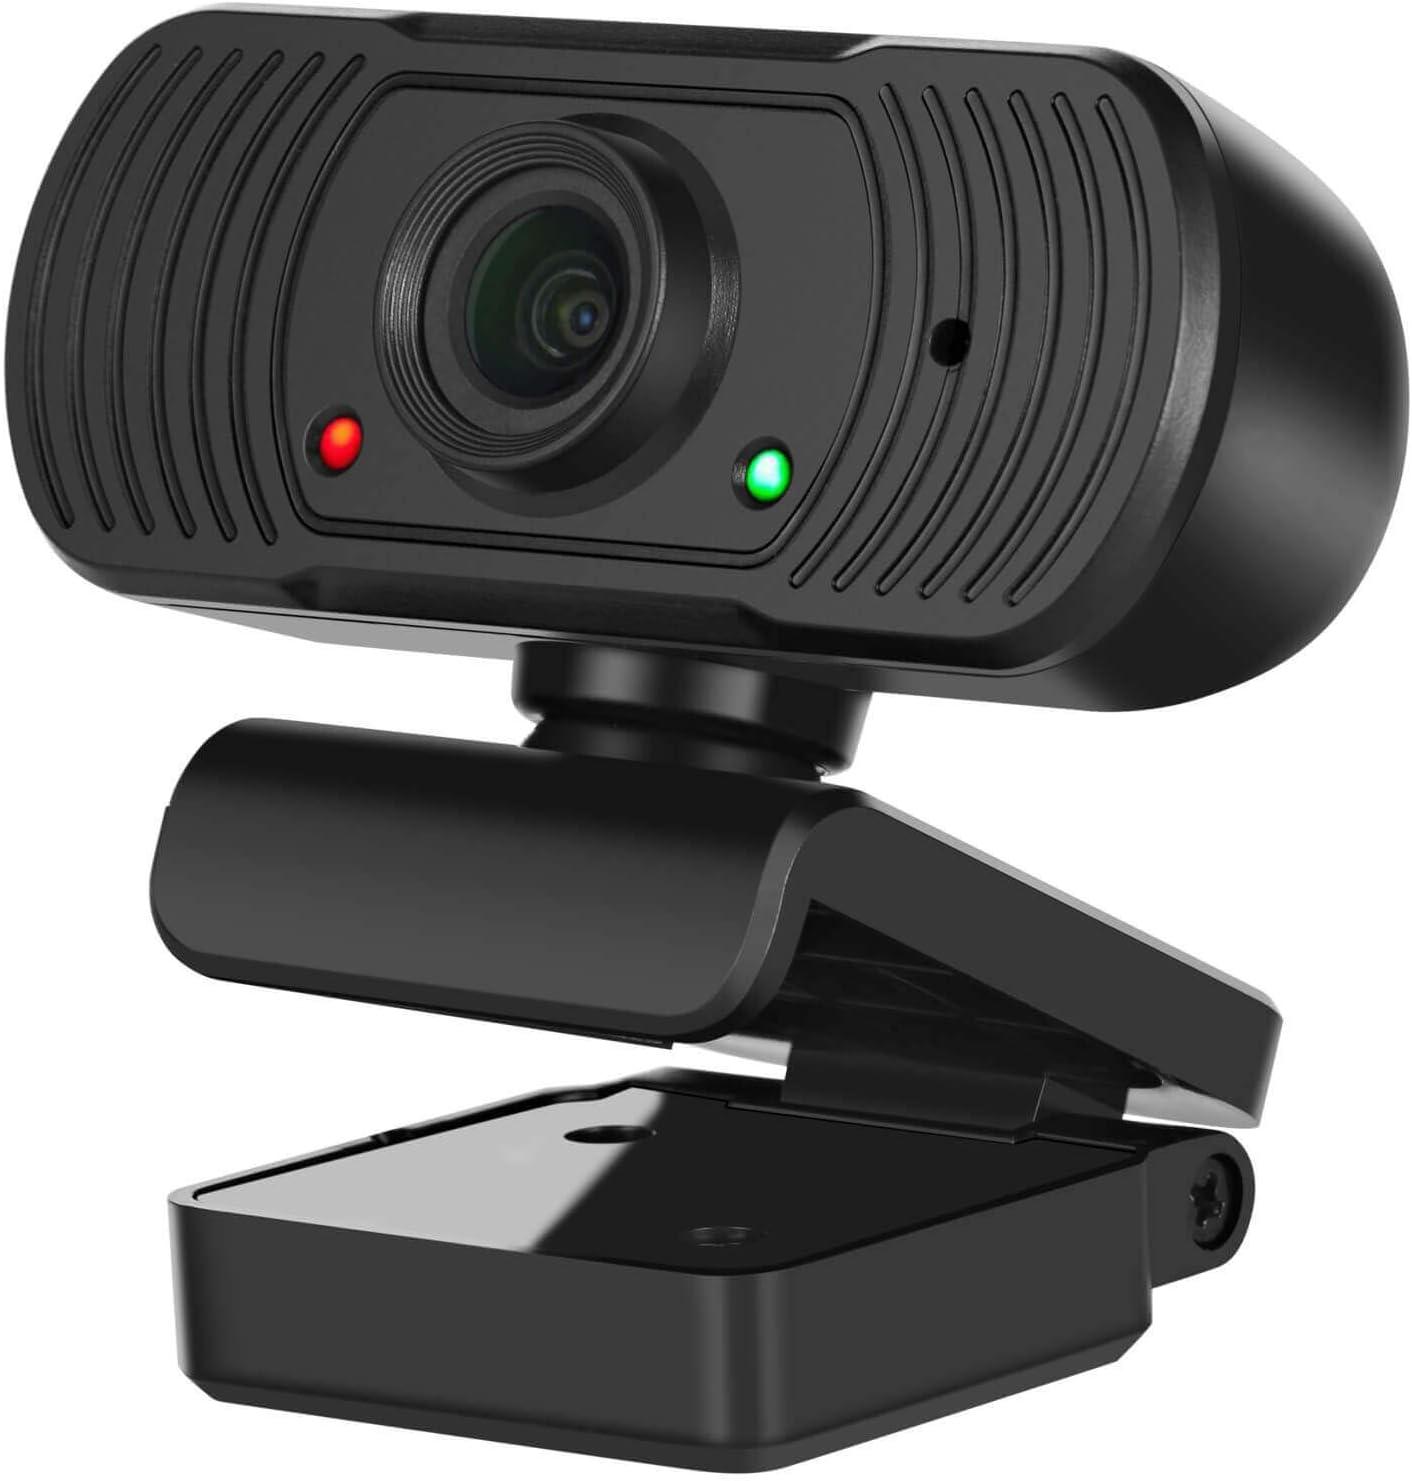 Laptop y Mac Studi USB Videocamera per PC per Videochiamate,Giochi,Streaming Qmate Webcam per PC Conferenze. con Base Girevole a 360 /° Full HD Webcam con Microfono a Cancellazione di Rumore